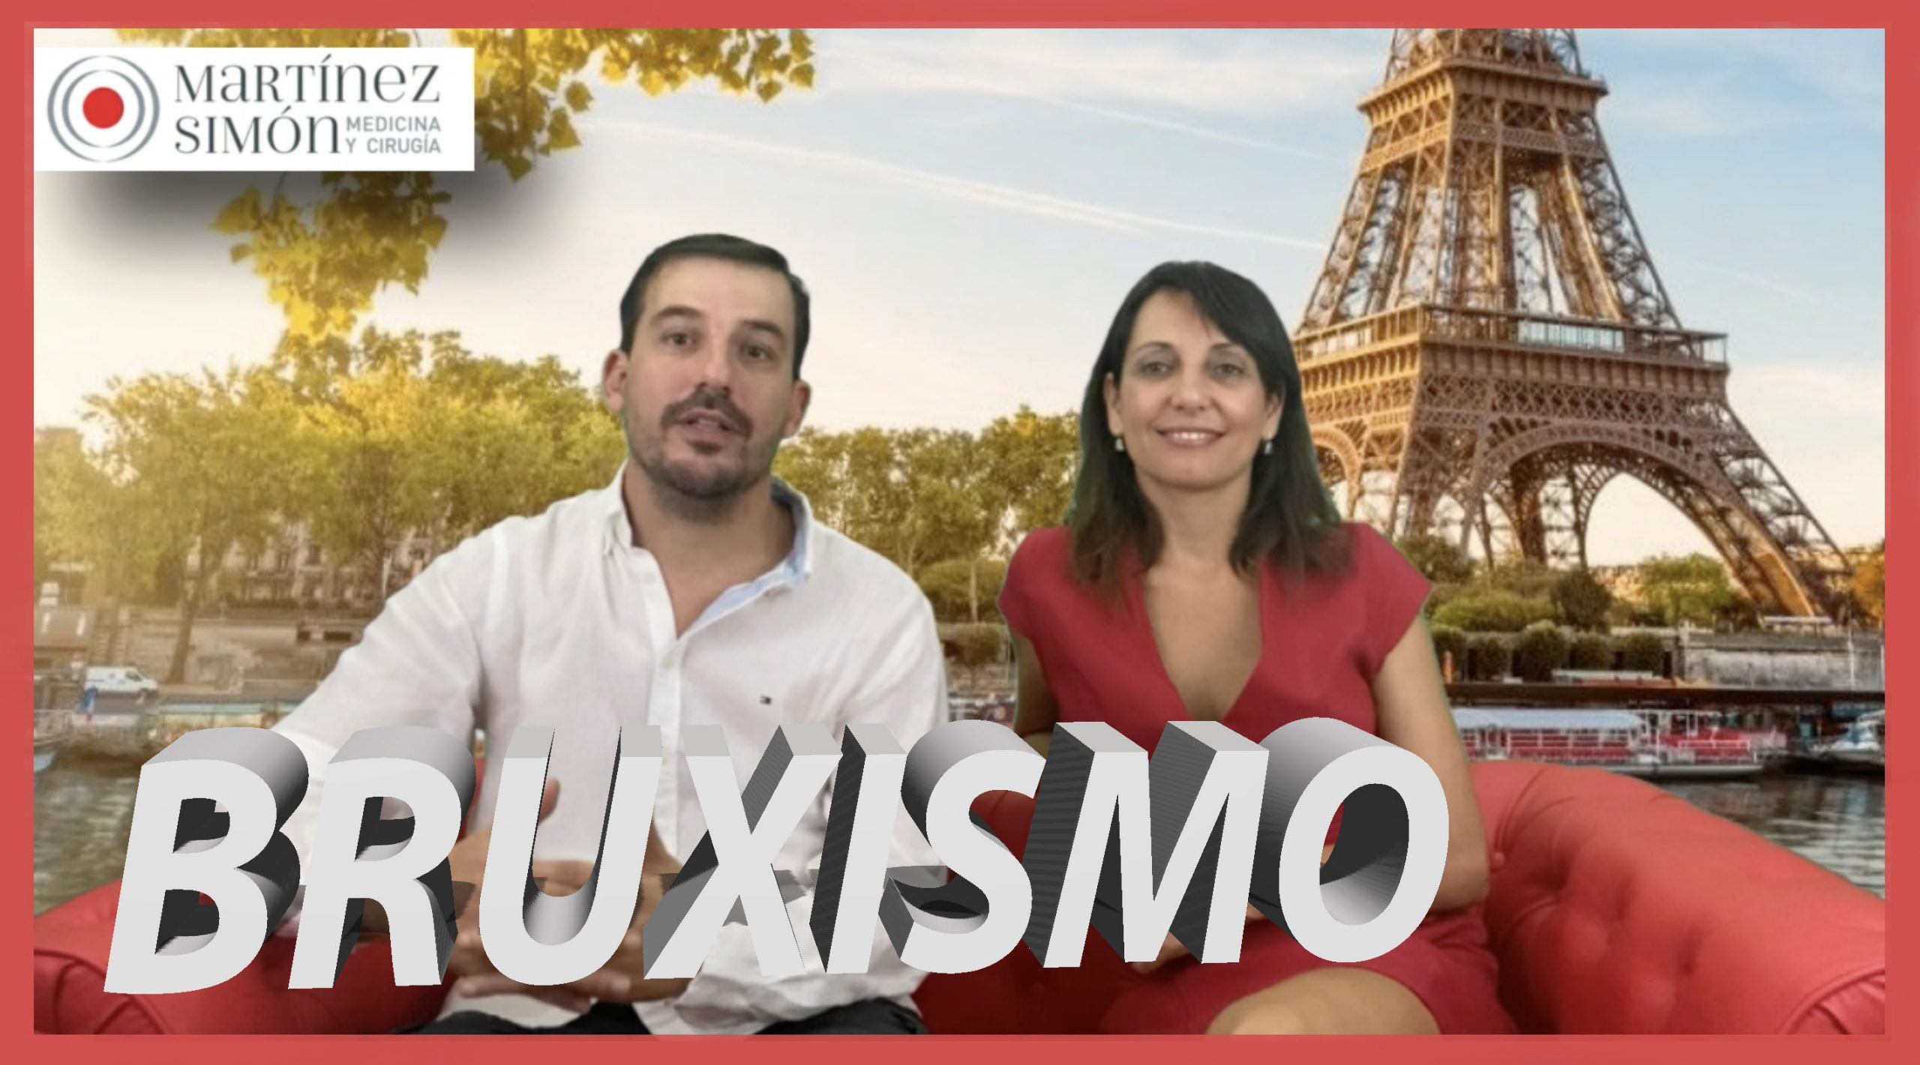 Bruxismo-botox-toxina-botulinica-tratamiento-prp-medicina-estetica-castellon